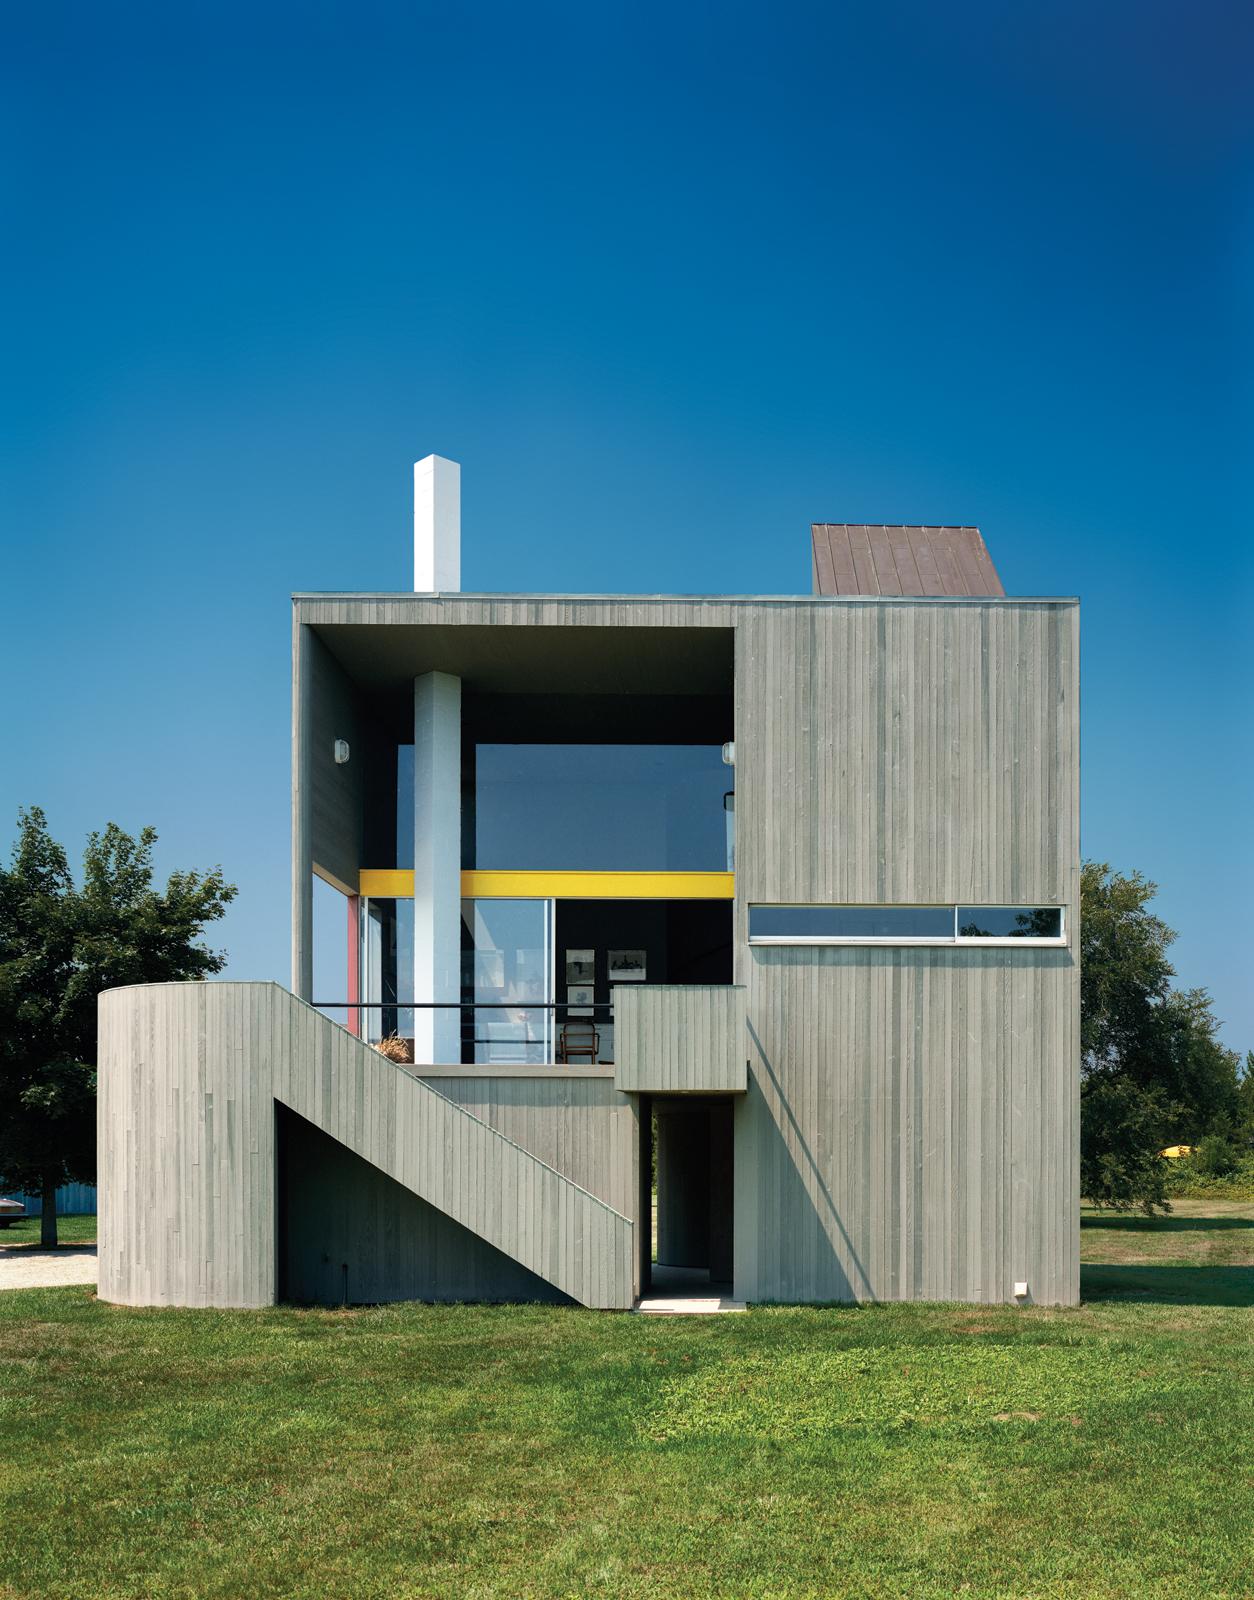 Сайдинг блок хаус в стиле модерн